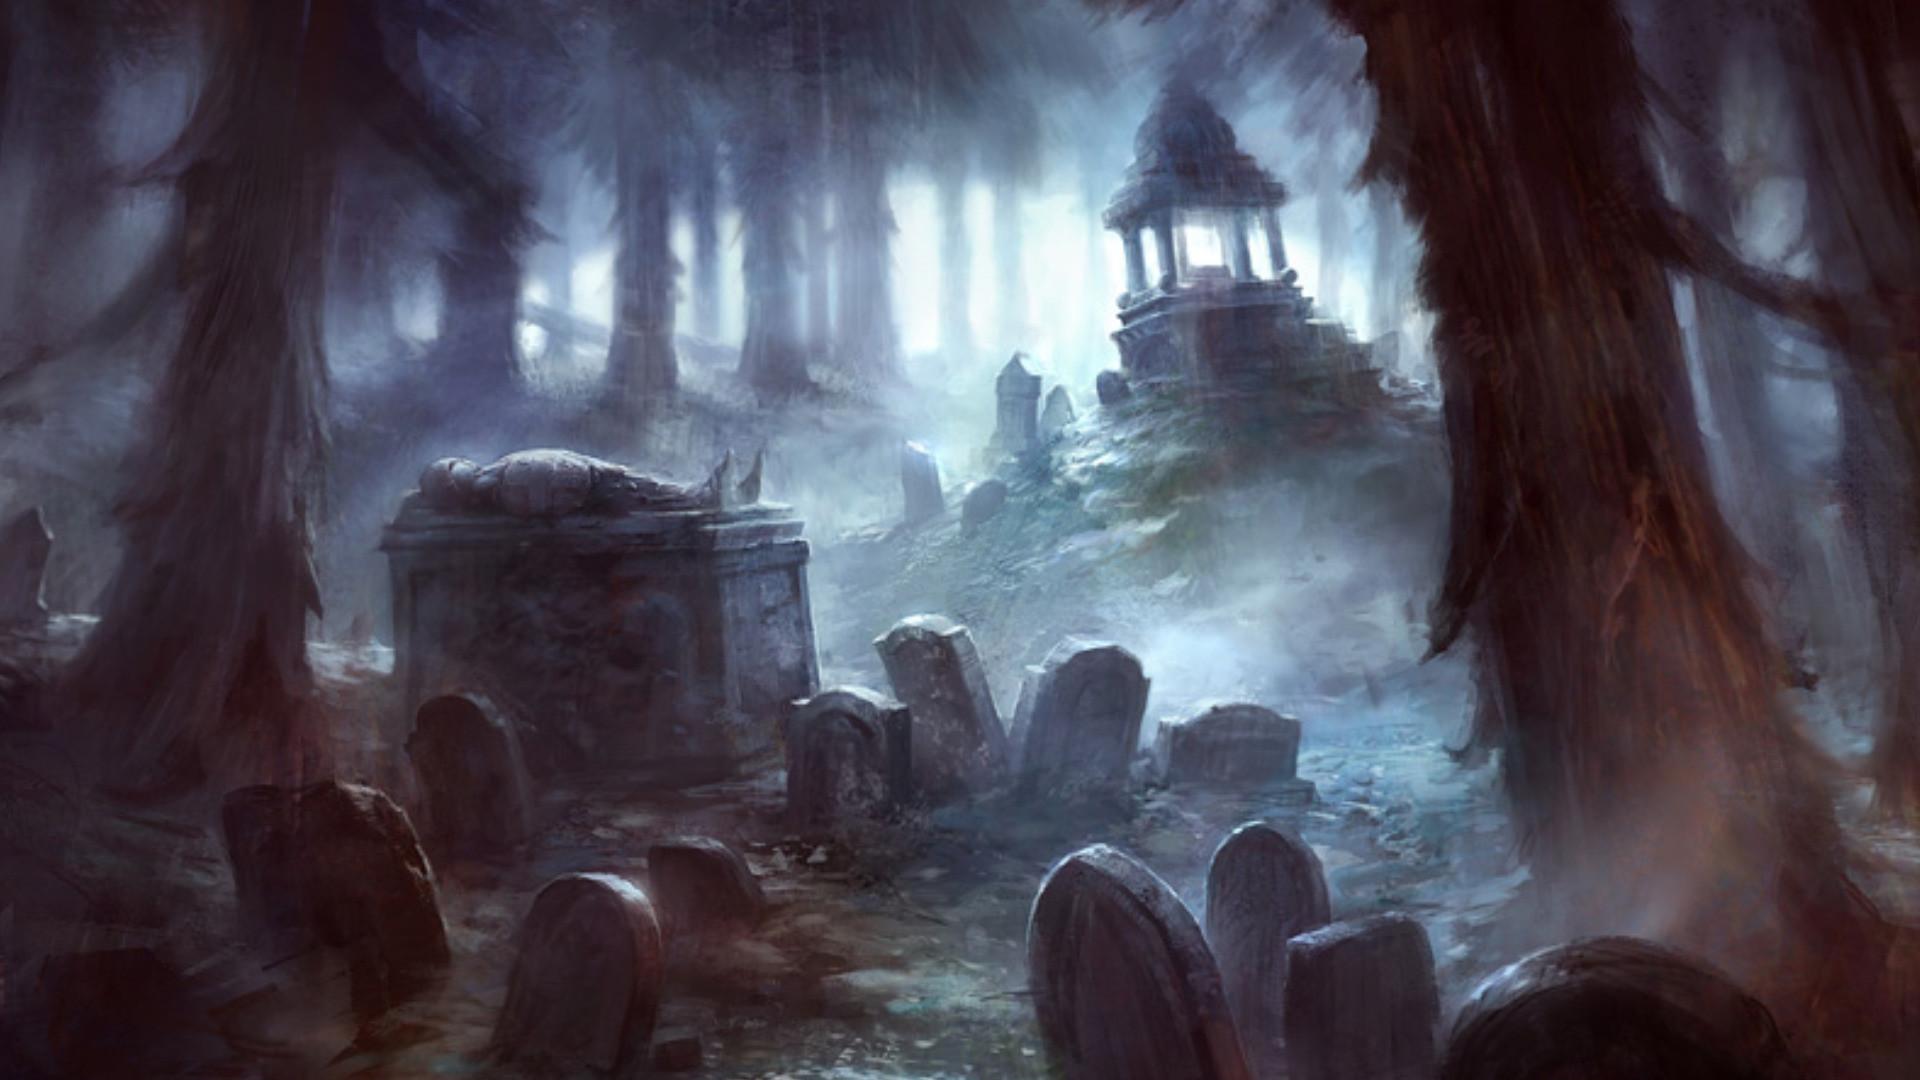 Creepy Graveyard Wallpaper (64+ Images